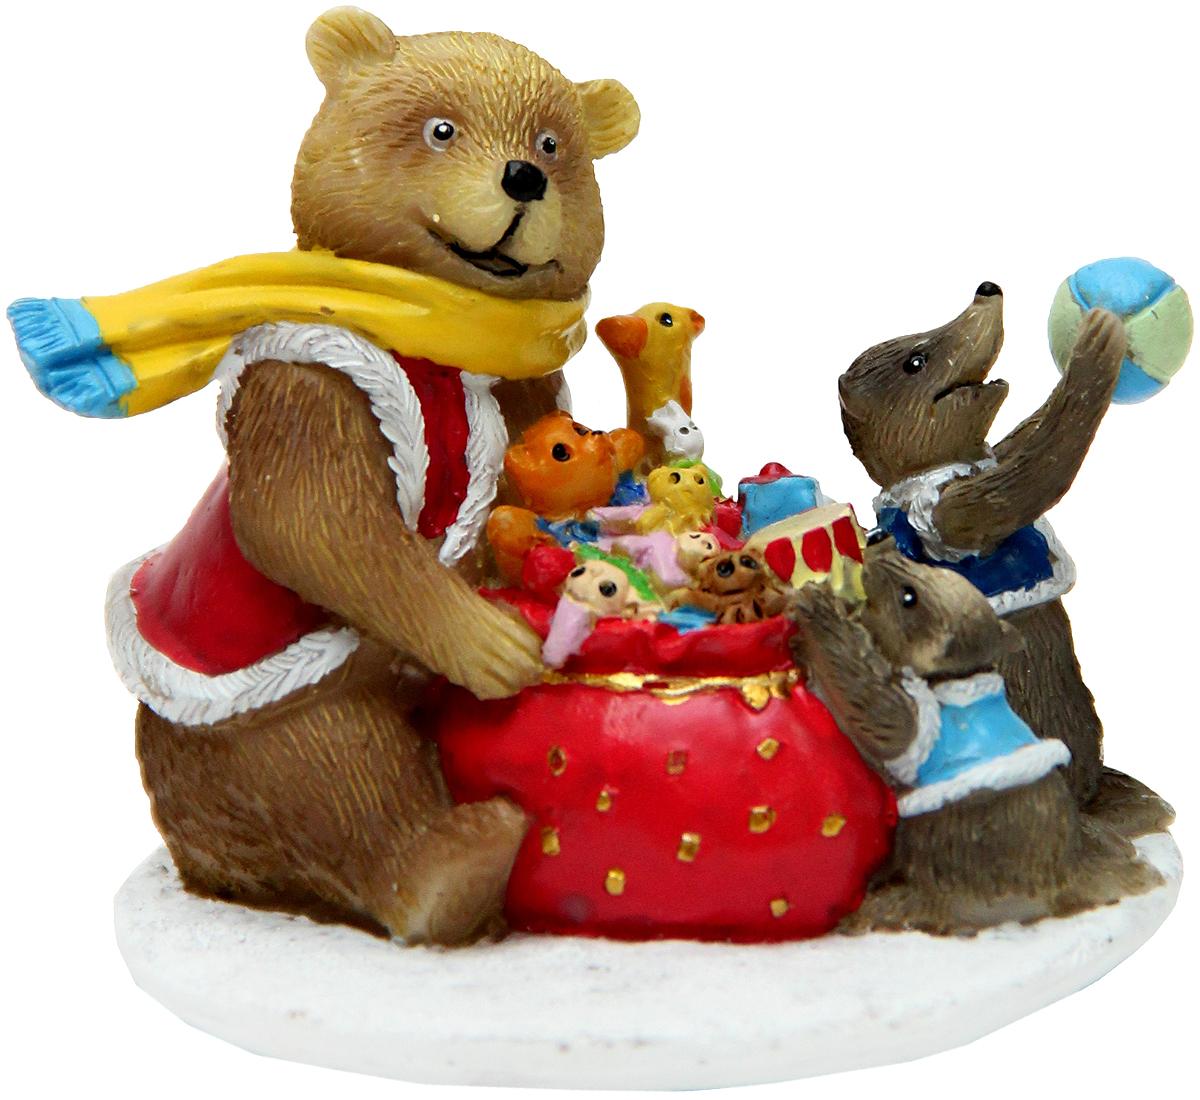 Украшение новогоднее подвесное Феникс-Презент Медвежонок и еноты, с фигуркой внутри, 11 х 12 х 9,5 смNLED-454-9W-BKНовогоднее подвесное украшение Феникс-Презент Медвежонок и еноты изготовлено из полирезины и стекла. Изделие выполнено в виде шара с фигуркой внутри. С помощью специальной петельки украшение можно повесить в любом понравившемся вам месте. Но, конечно, удачнее всего оно будет смотреться на праздничной елке.Елочная игрушка - символ Нового года. Она несет в себе волшебство и красоту праздника. Создайте в своем доме атмосферу веселья и радости, украшая новогоднюю елку нарядными игрушками, которые будут из года в год накапливать теплоту воспоминаний.